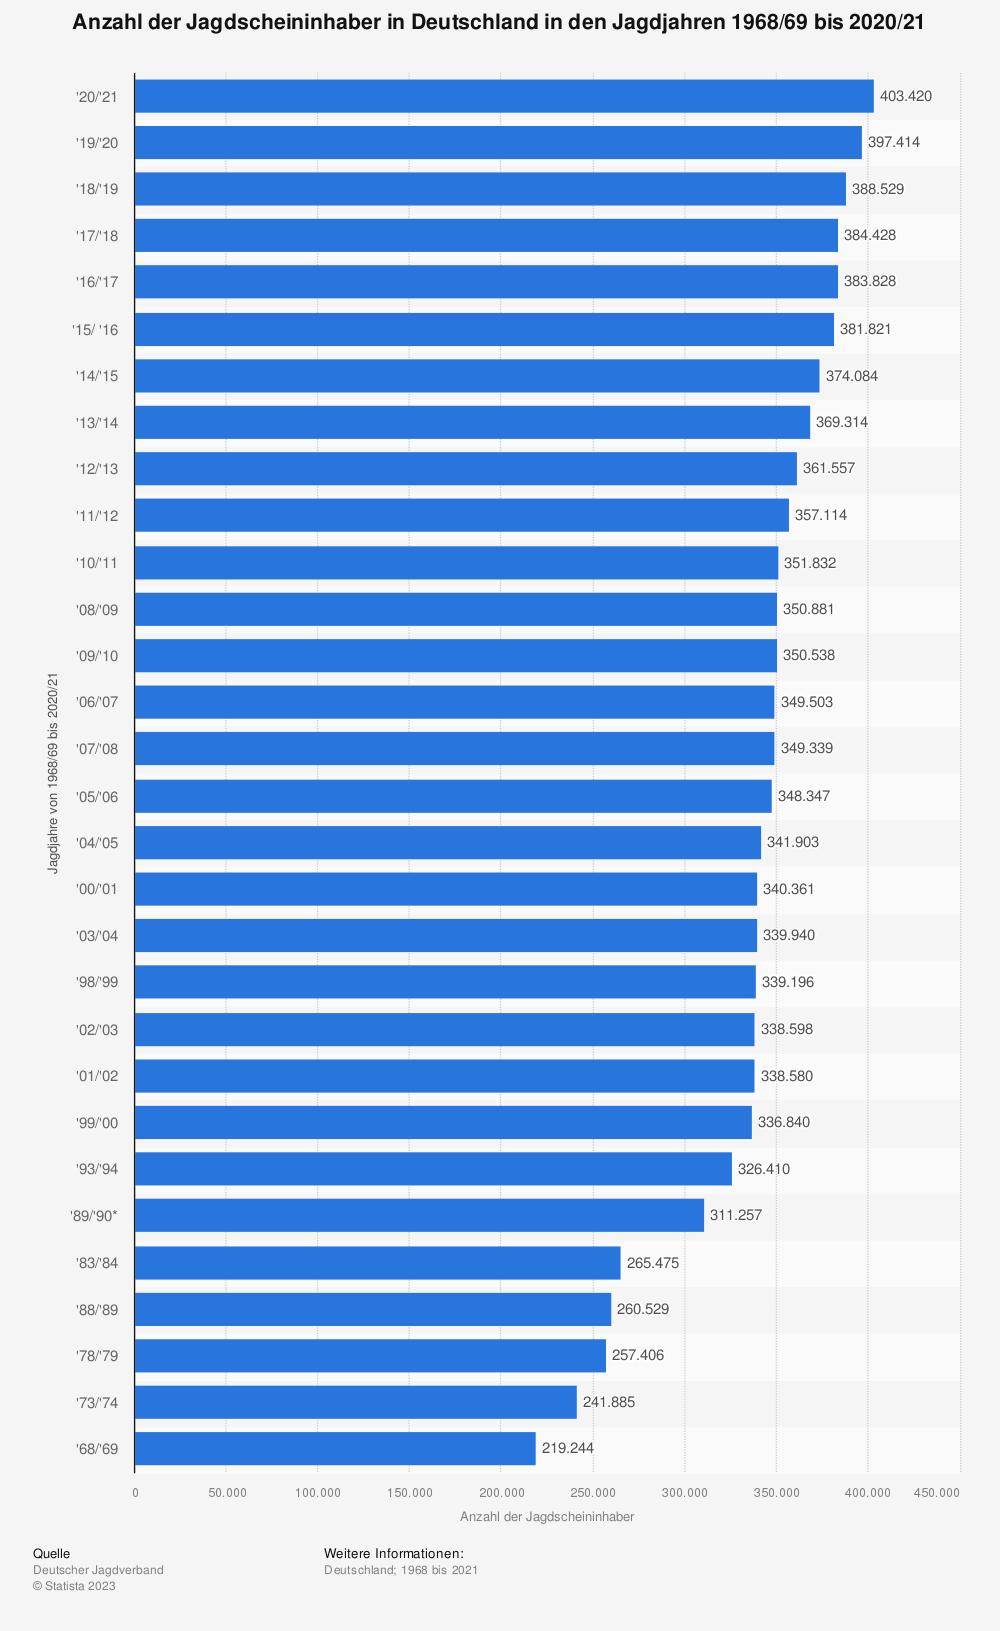 Statistik: Anzahl der Jagdscheininhaber in Deutschland in den Jagdjahren 1968/69 bis 2019/20 | Statista